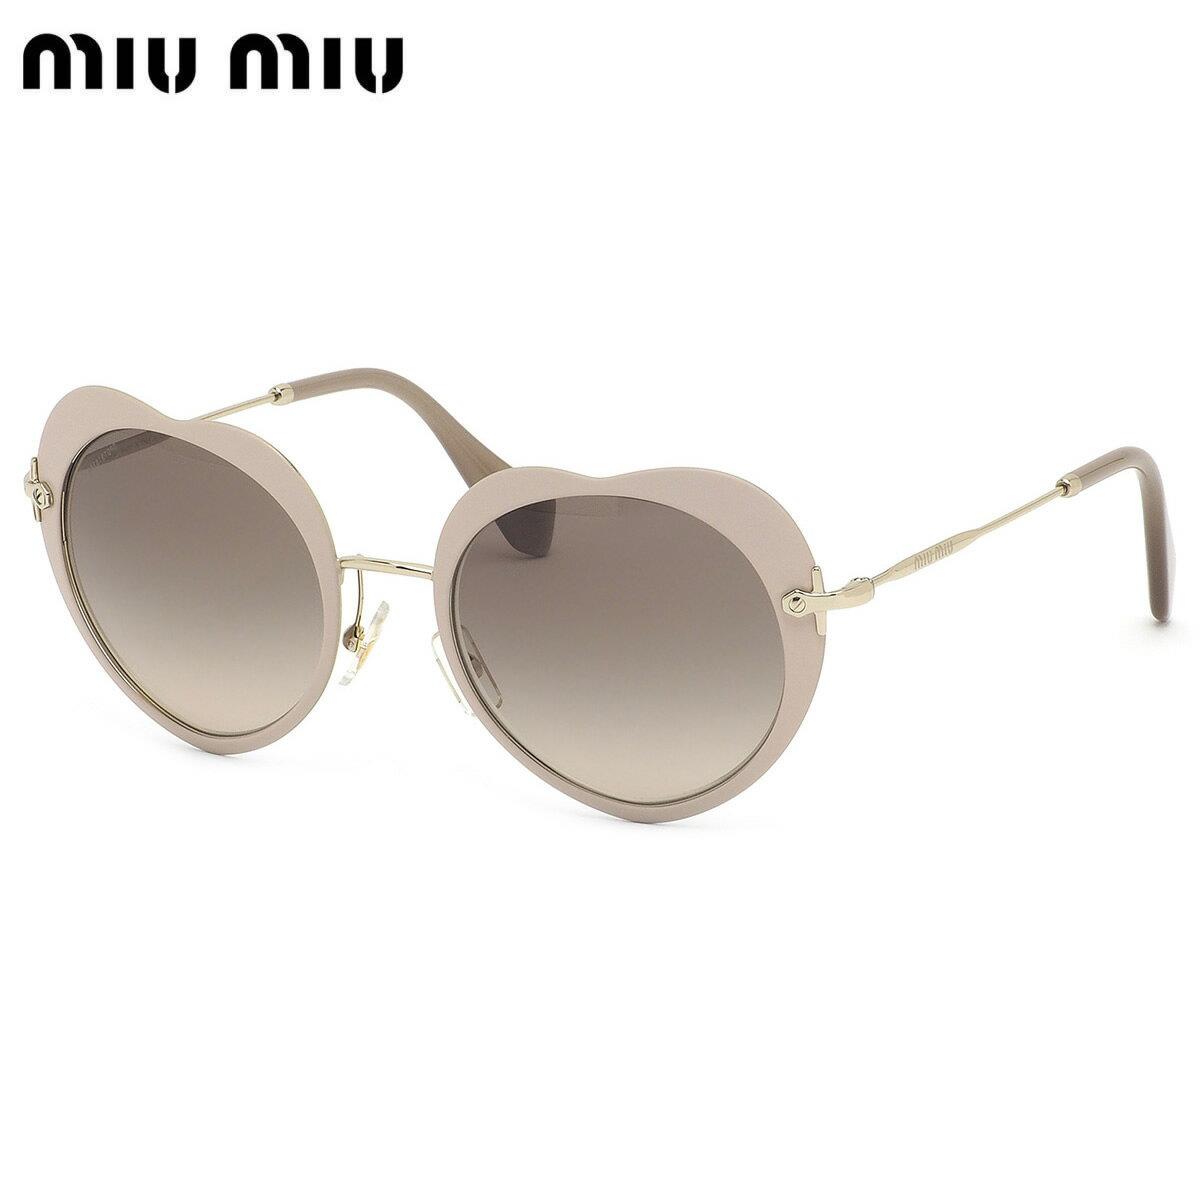 【ミュウミュウ】 (MIUMIU) サングラスMU54RS U6I3D0 52サイズボストン MIUMIU レディース:メガネ・サングラスのThat's